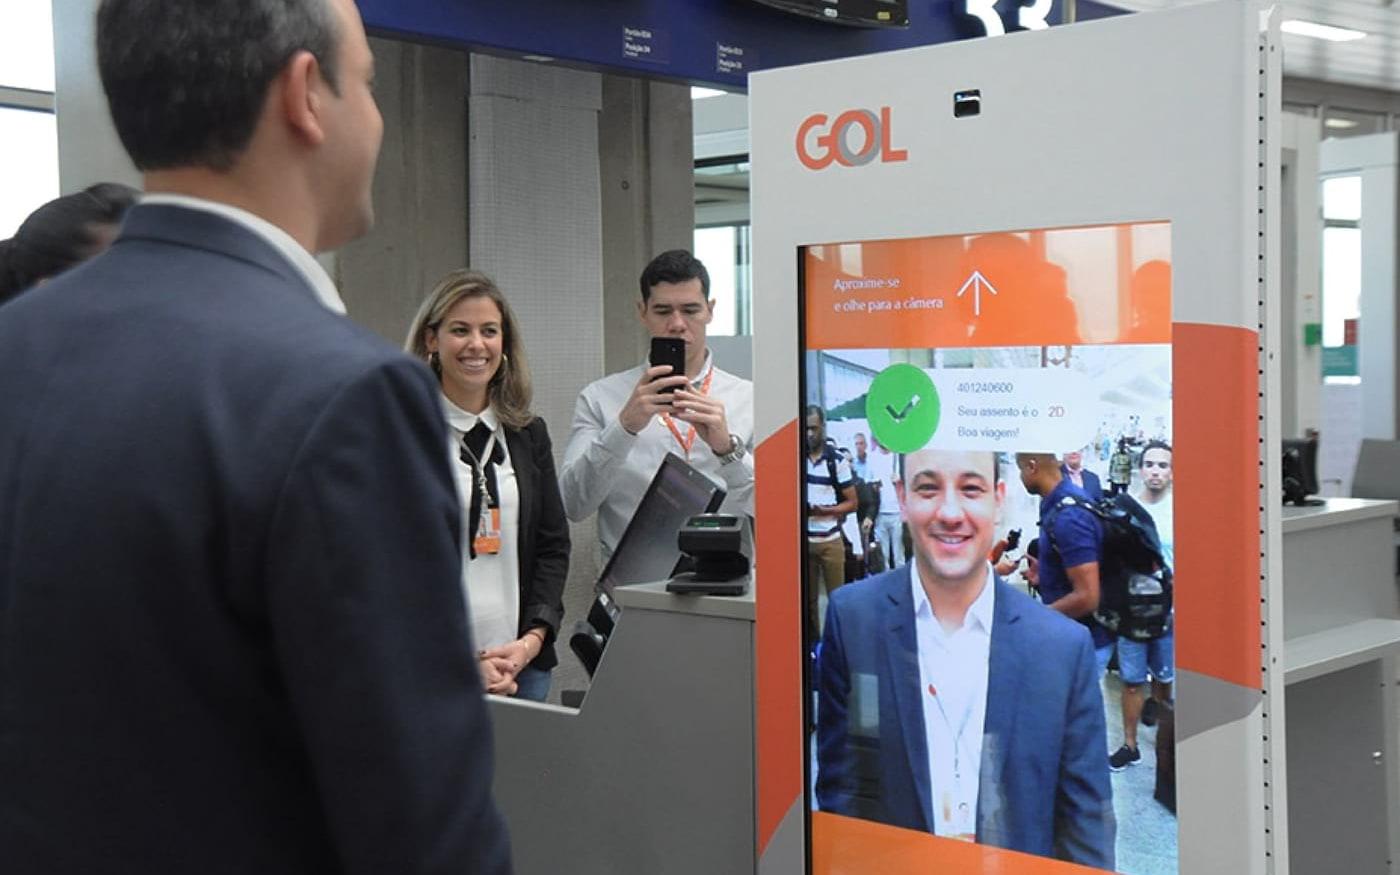 Gol inaugura sistema de biometria facial para embarque